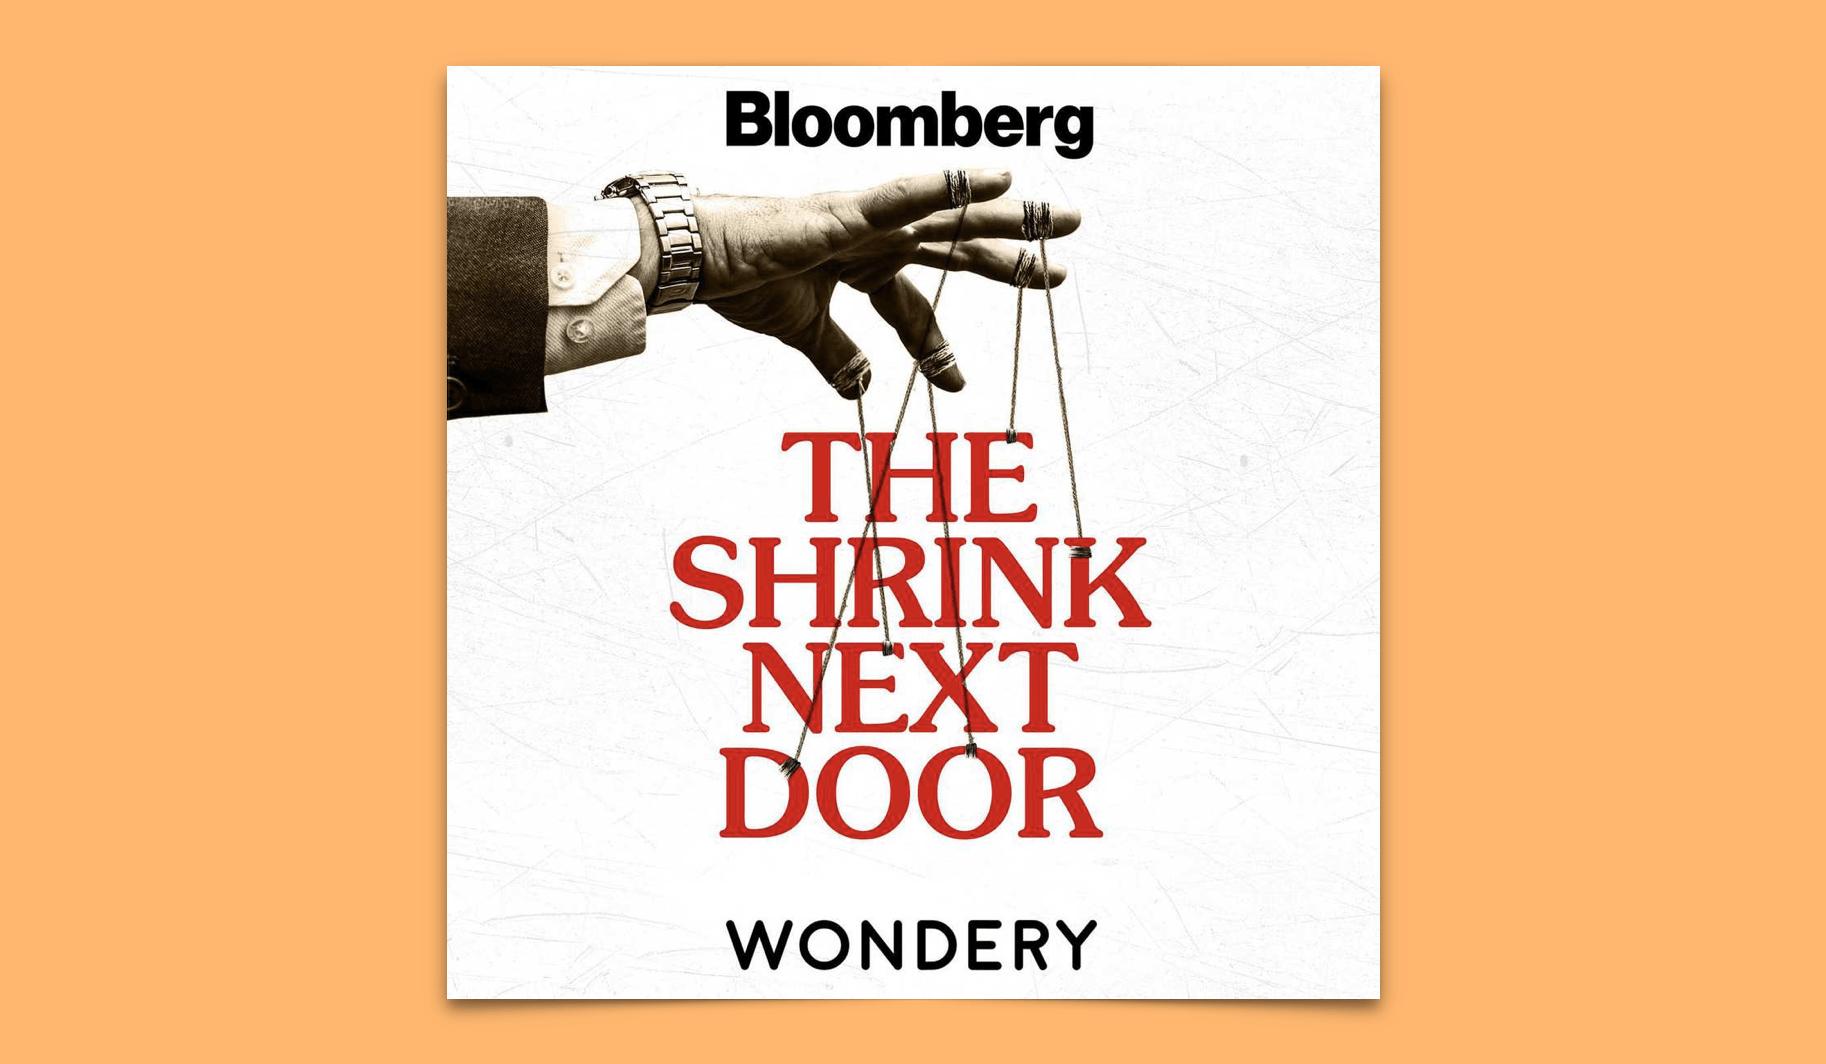 The Shrink Next Door Podcast